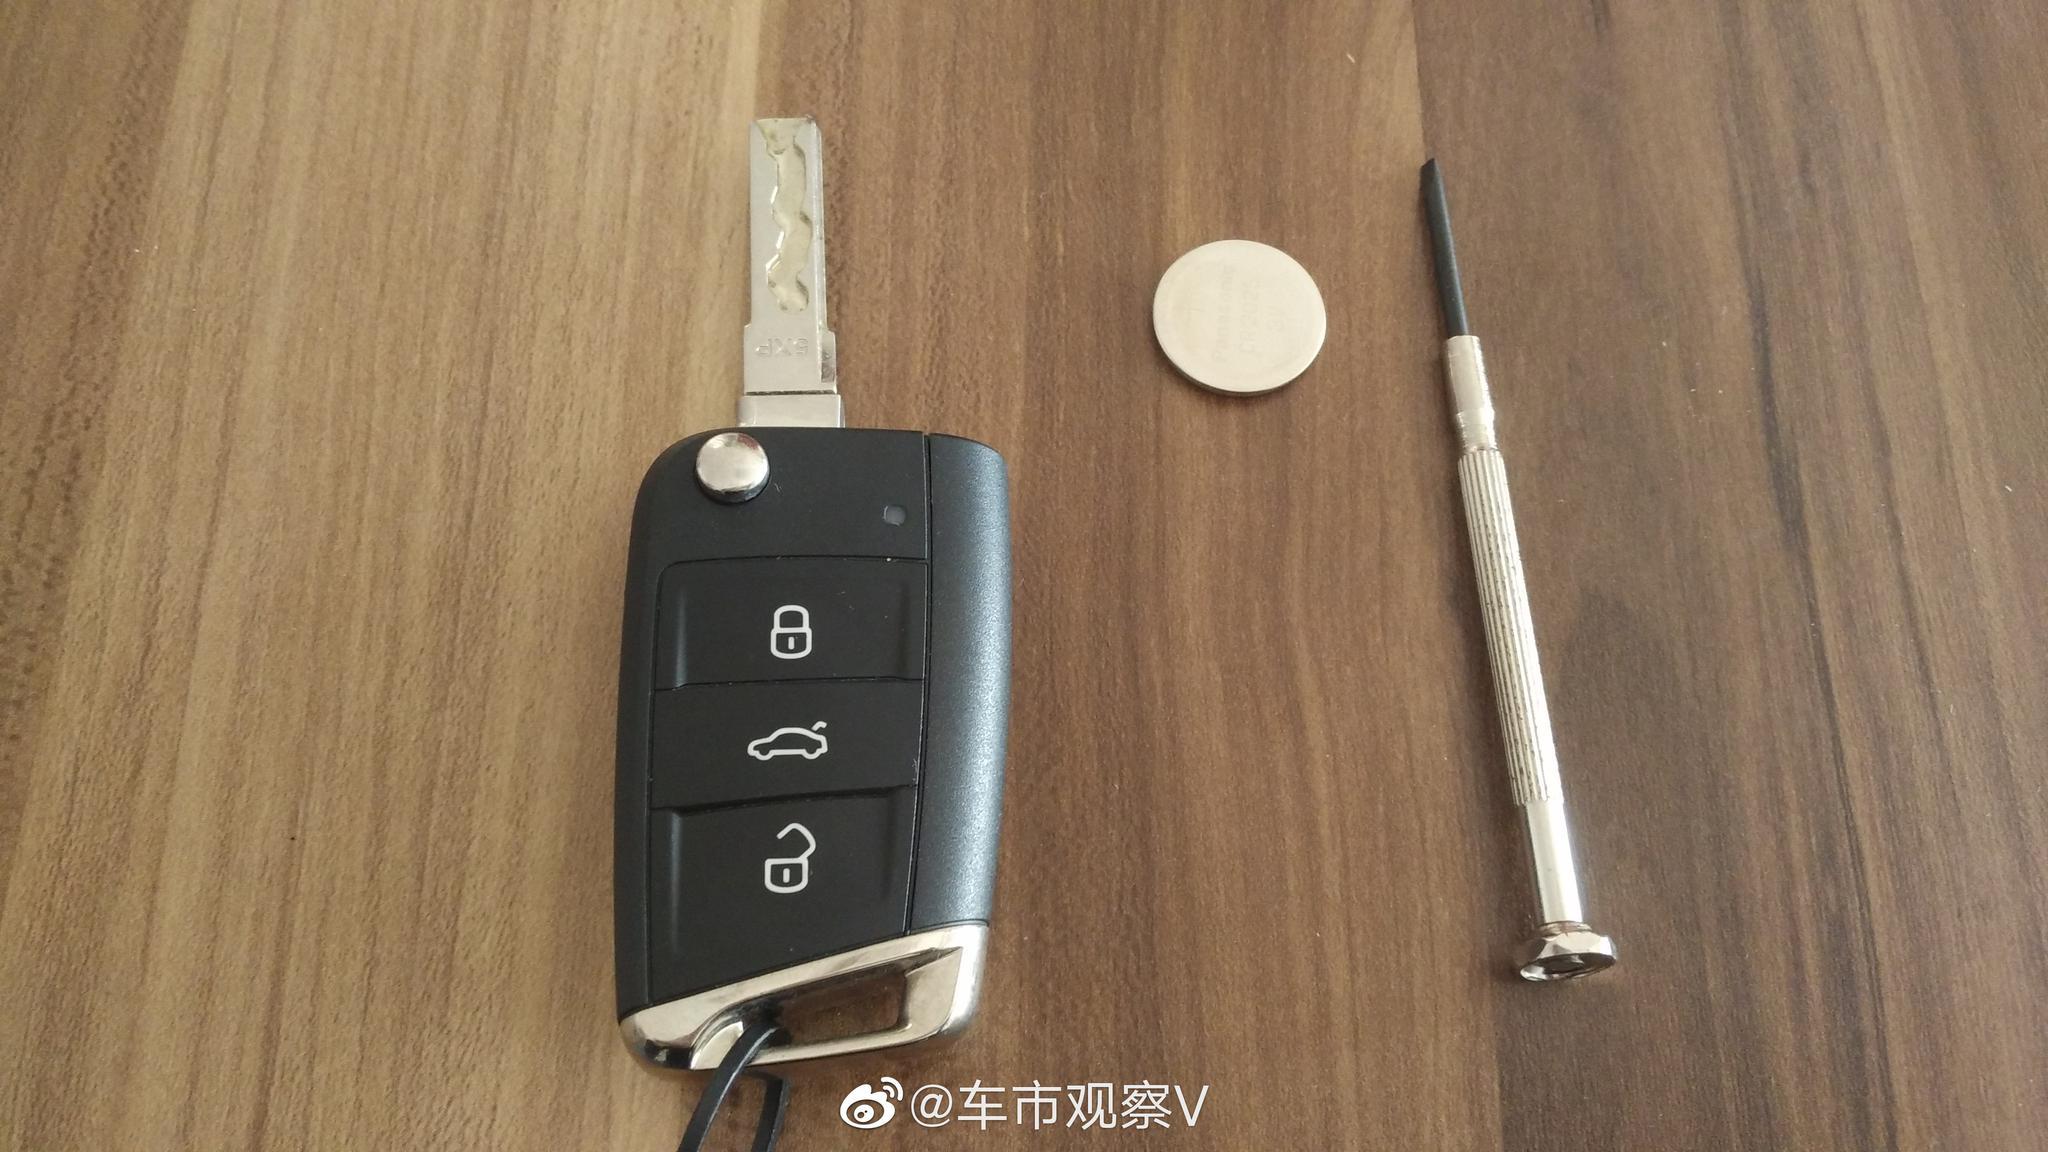 自己动手更换汽车遥控钥匙电池,很简便